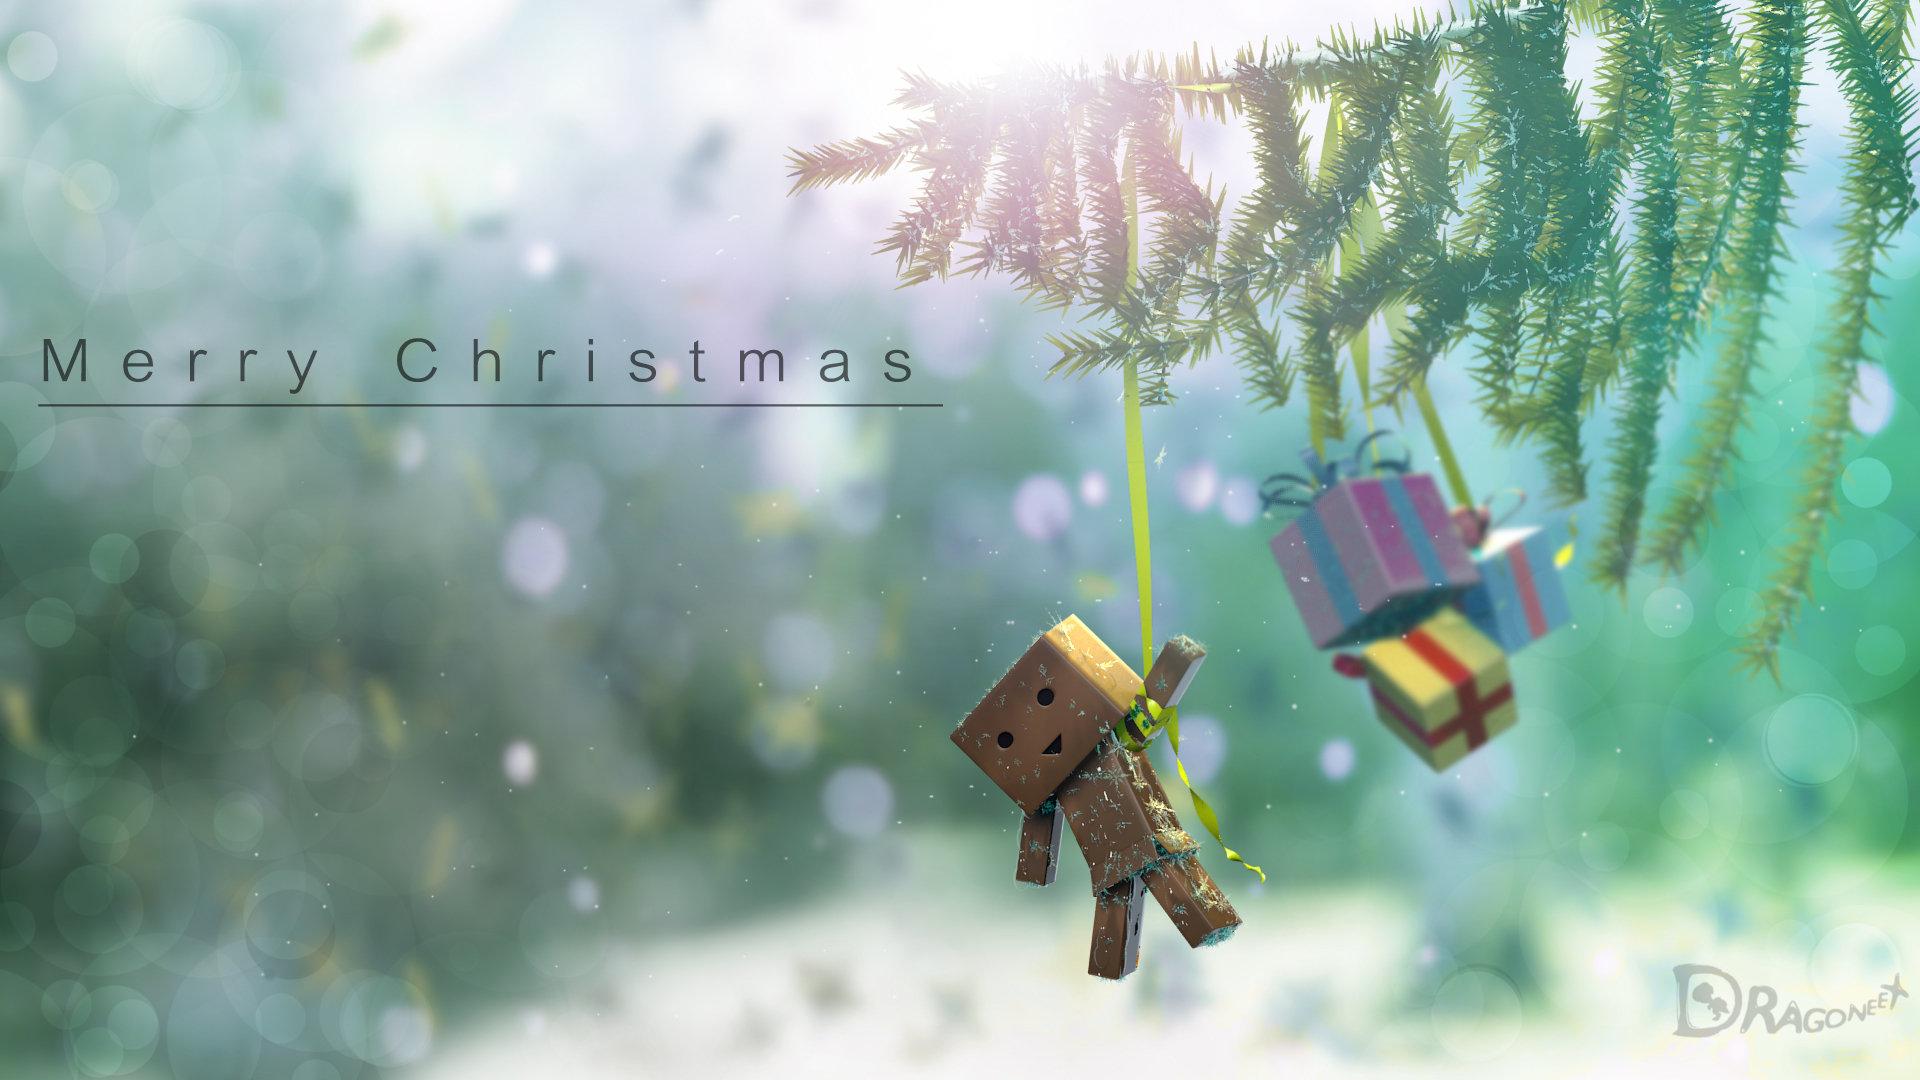 Merrychristmasl